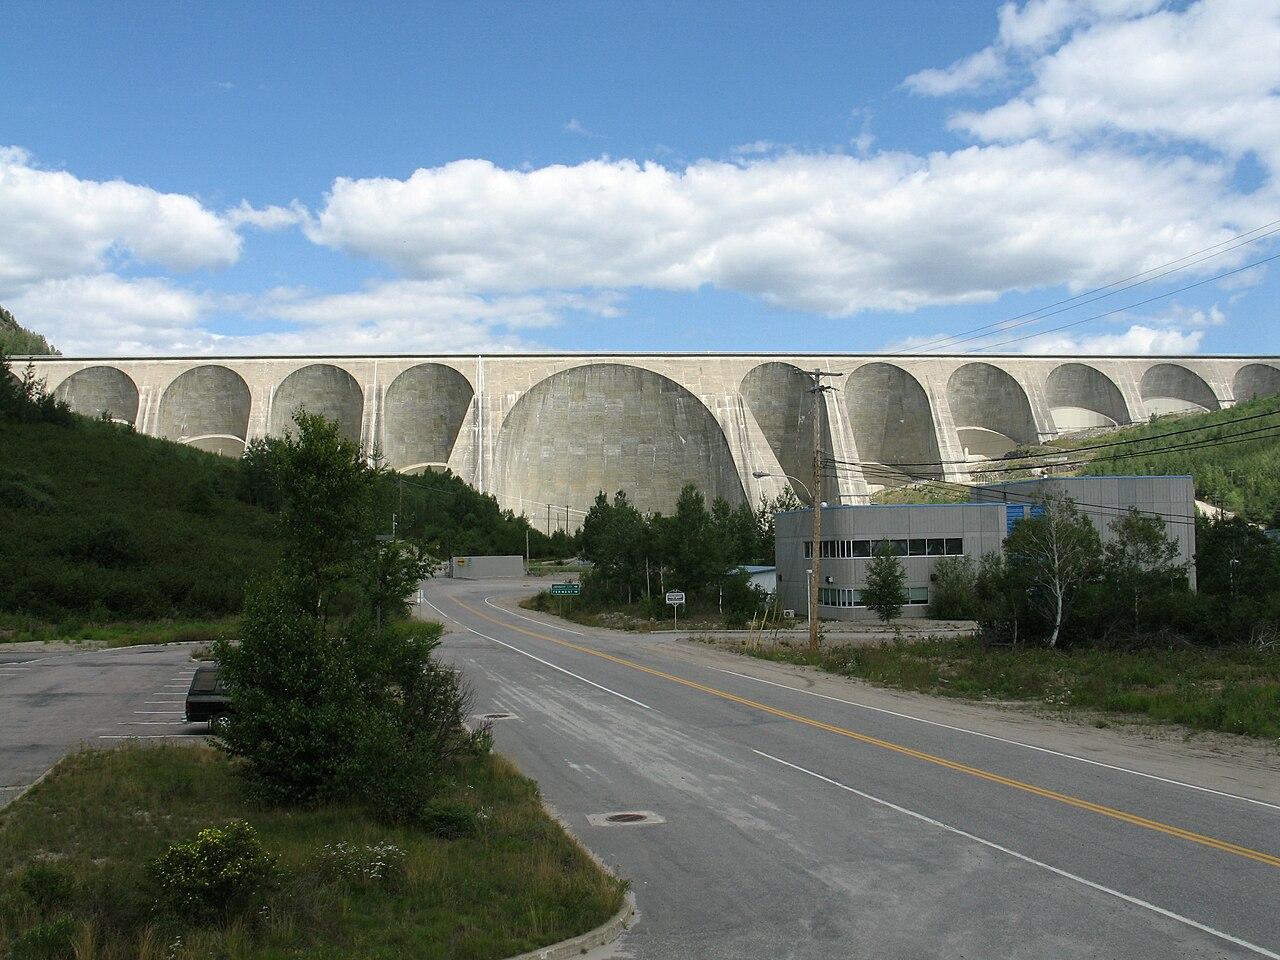 Bay Bridge Electric Car Hov Lane